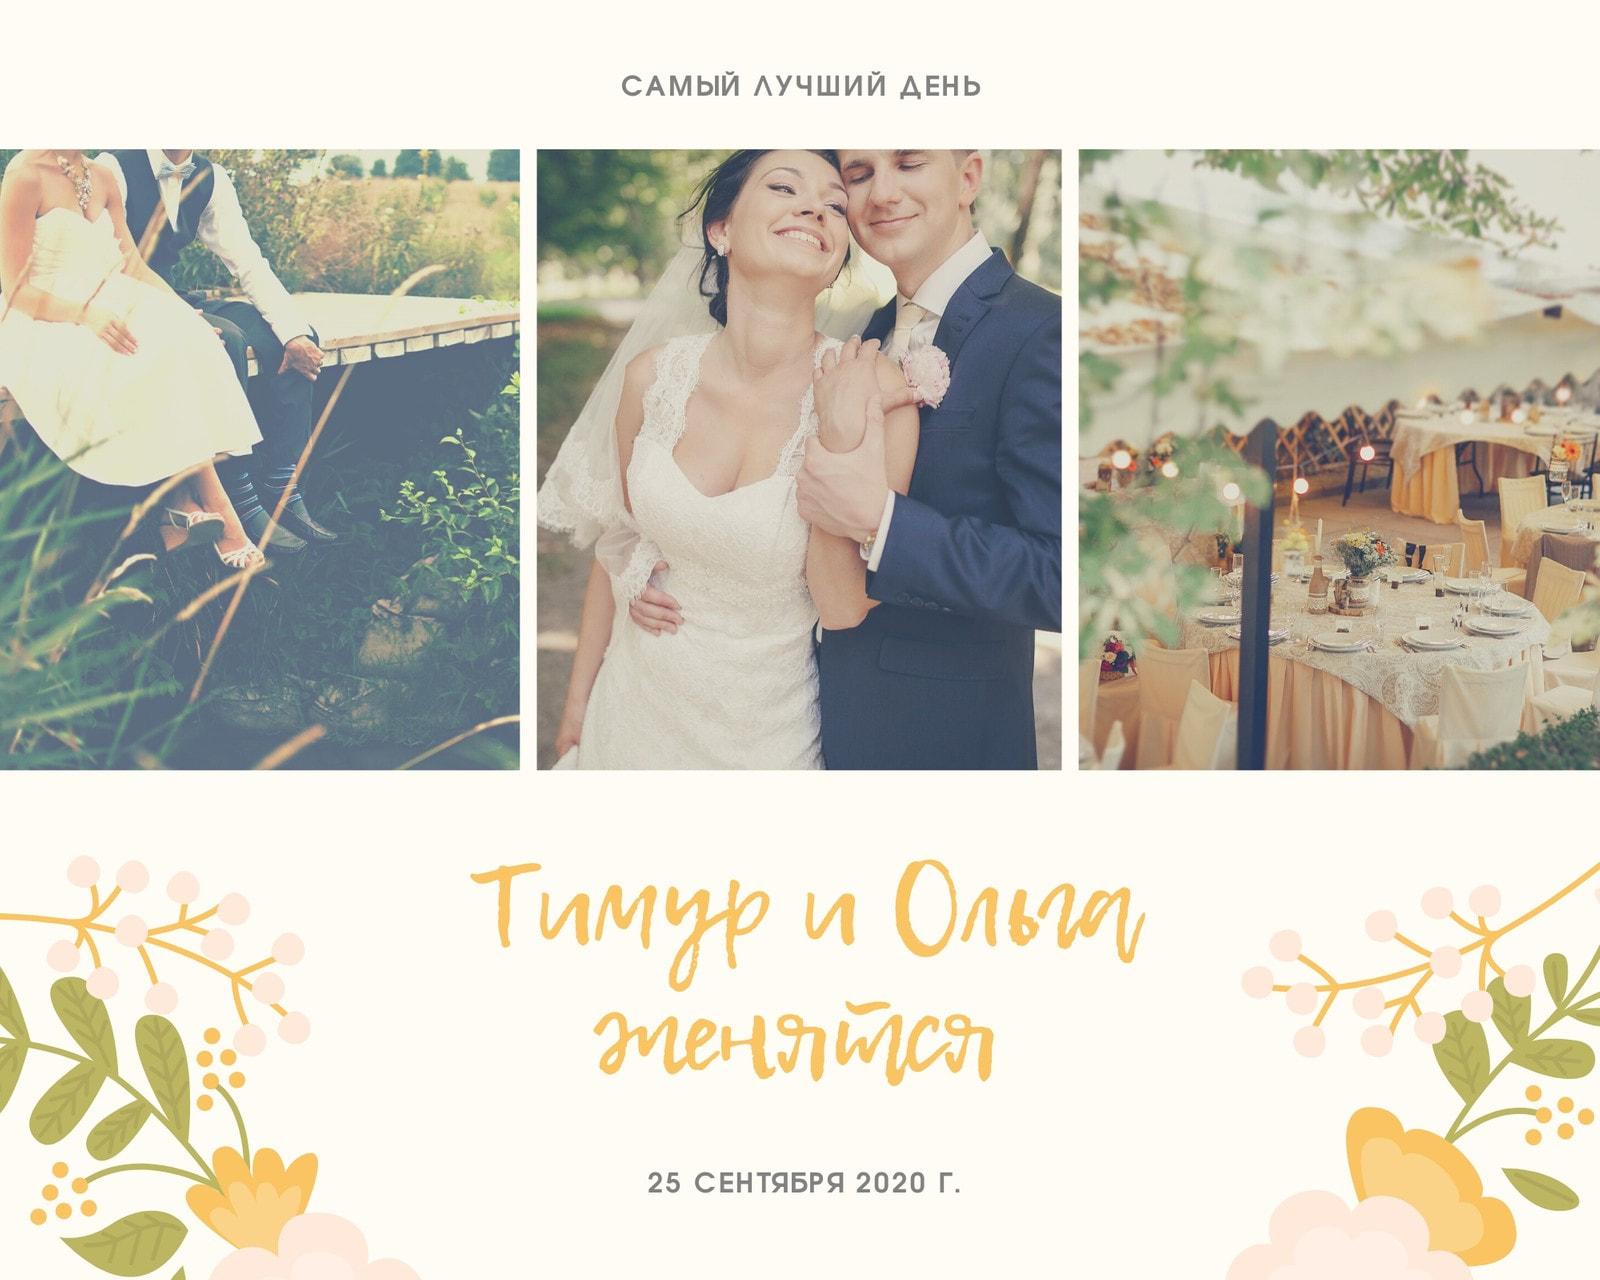 Бежевый Цветочный Свадьба Фотография Коллаж